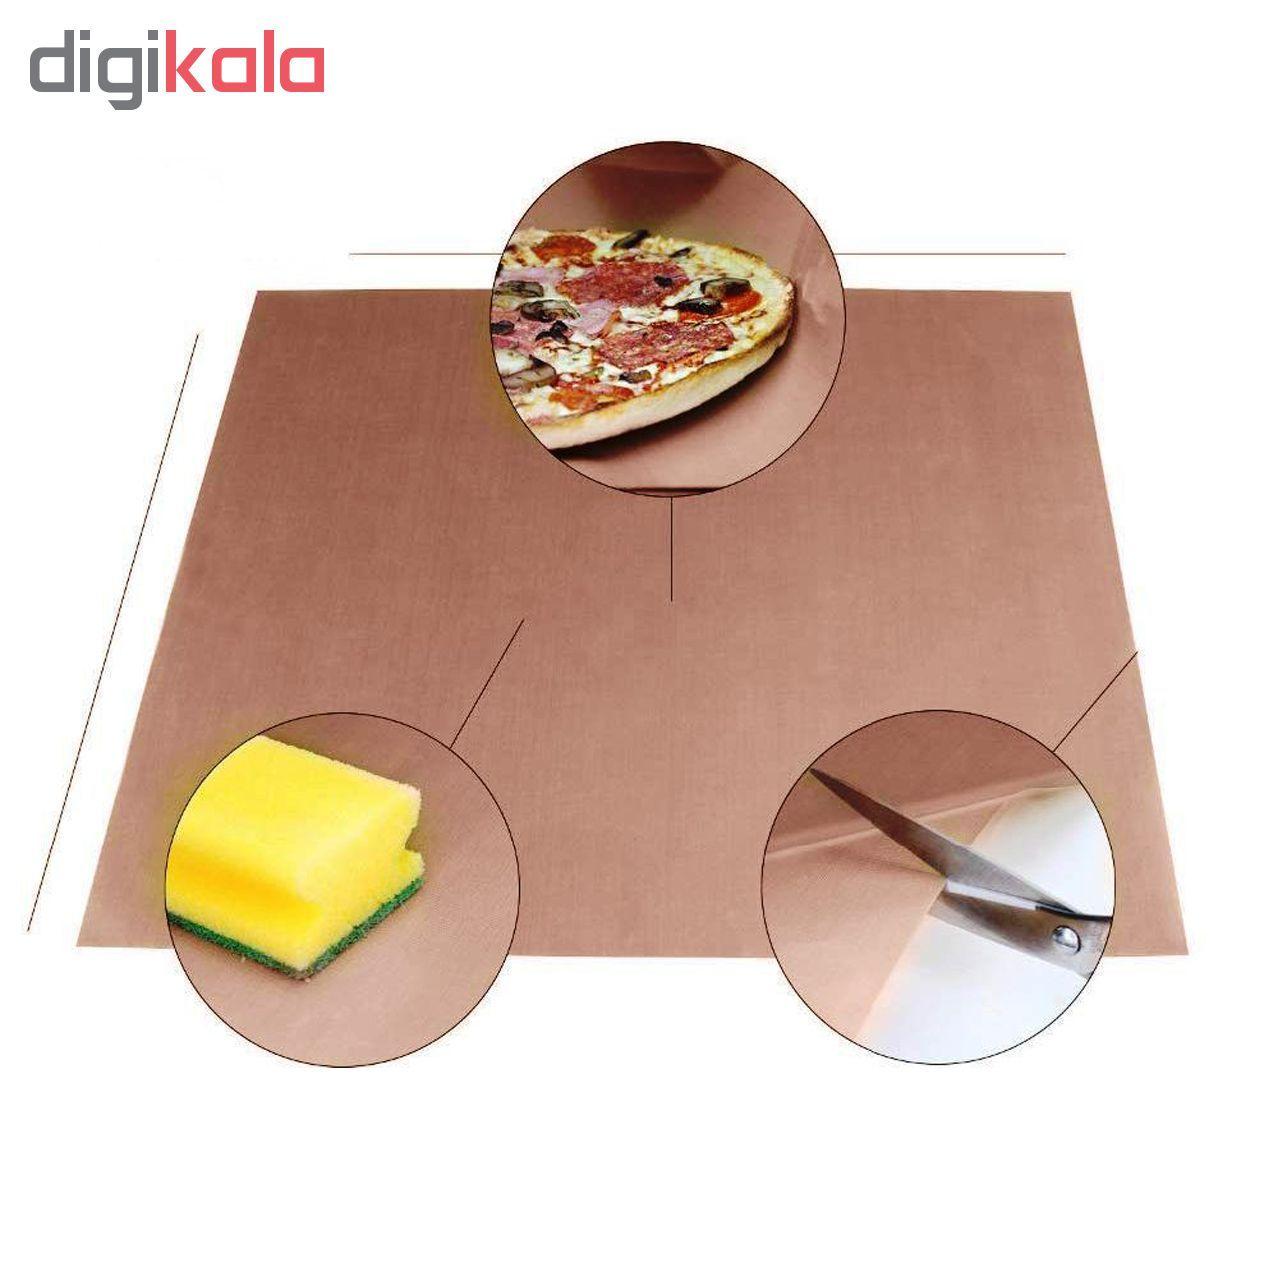 ورق نسوز آشپزی و شیرینی پزی مدل N1  با ابعاد 40 در 60 سانتی متر  main 1 2